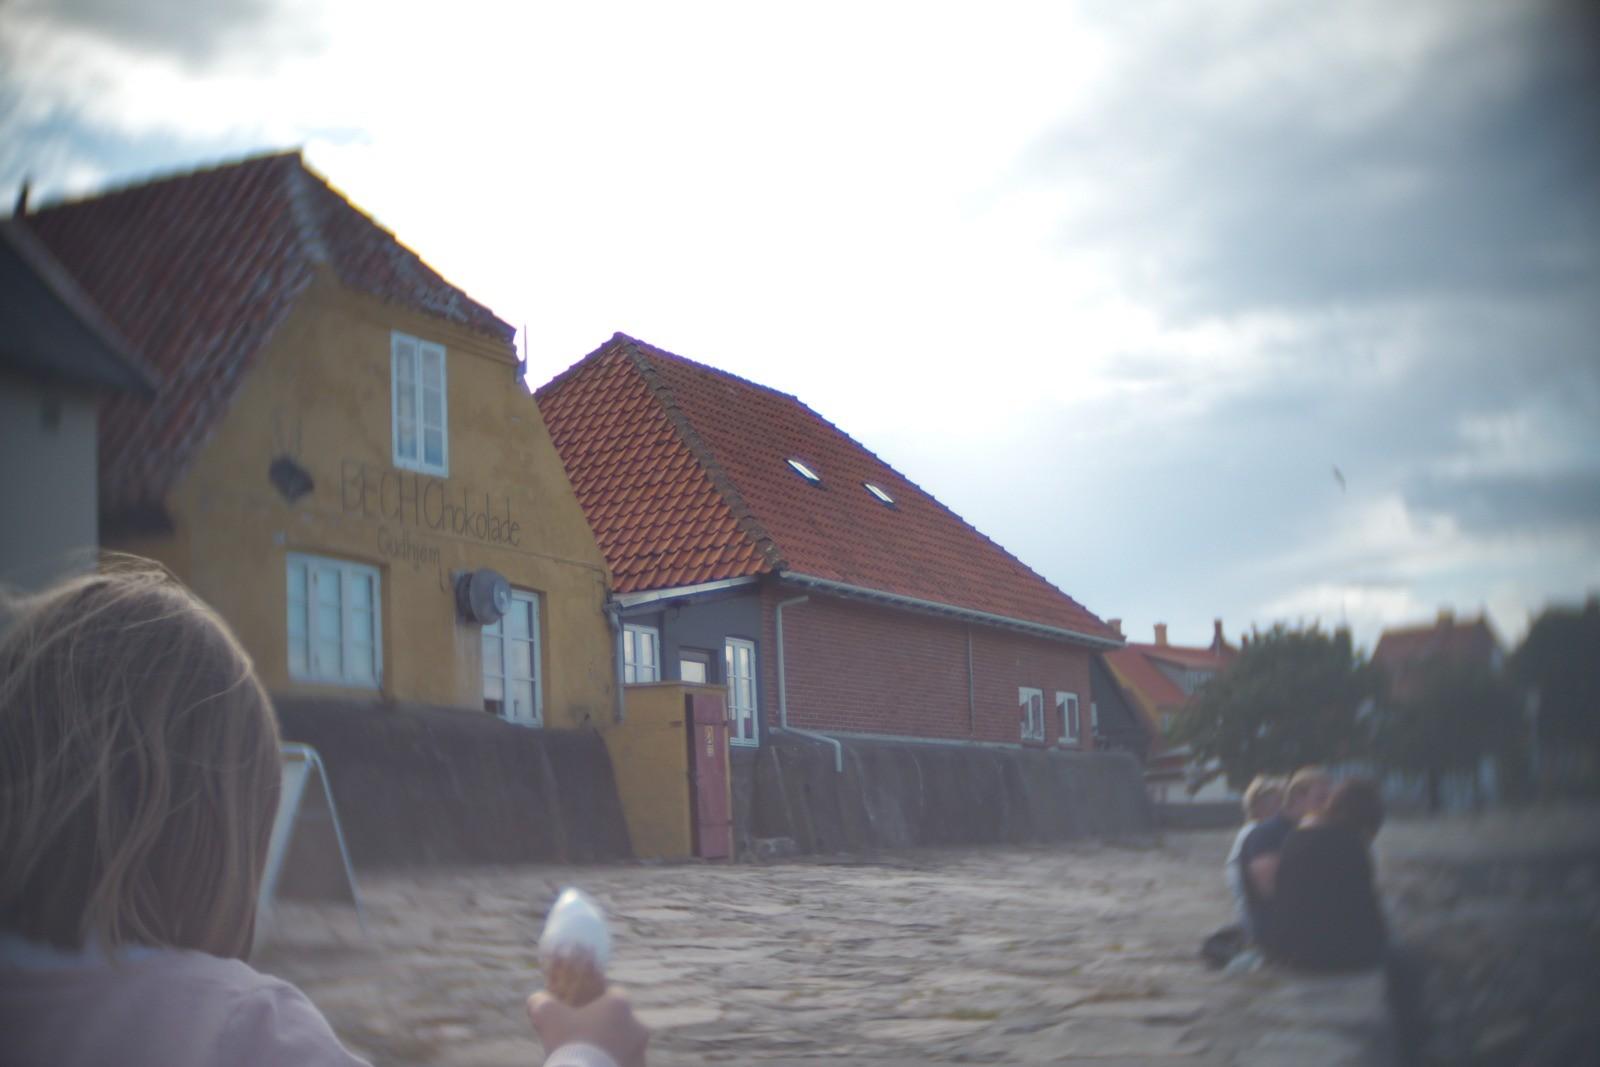 Gudhjem lomo-style, fotograferet med et SLR Magic Toy Lens